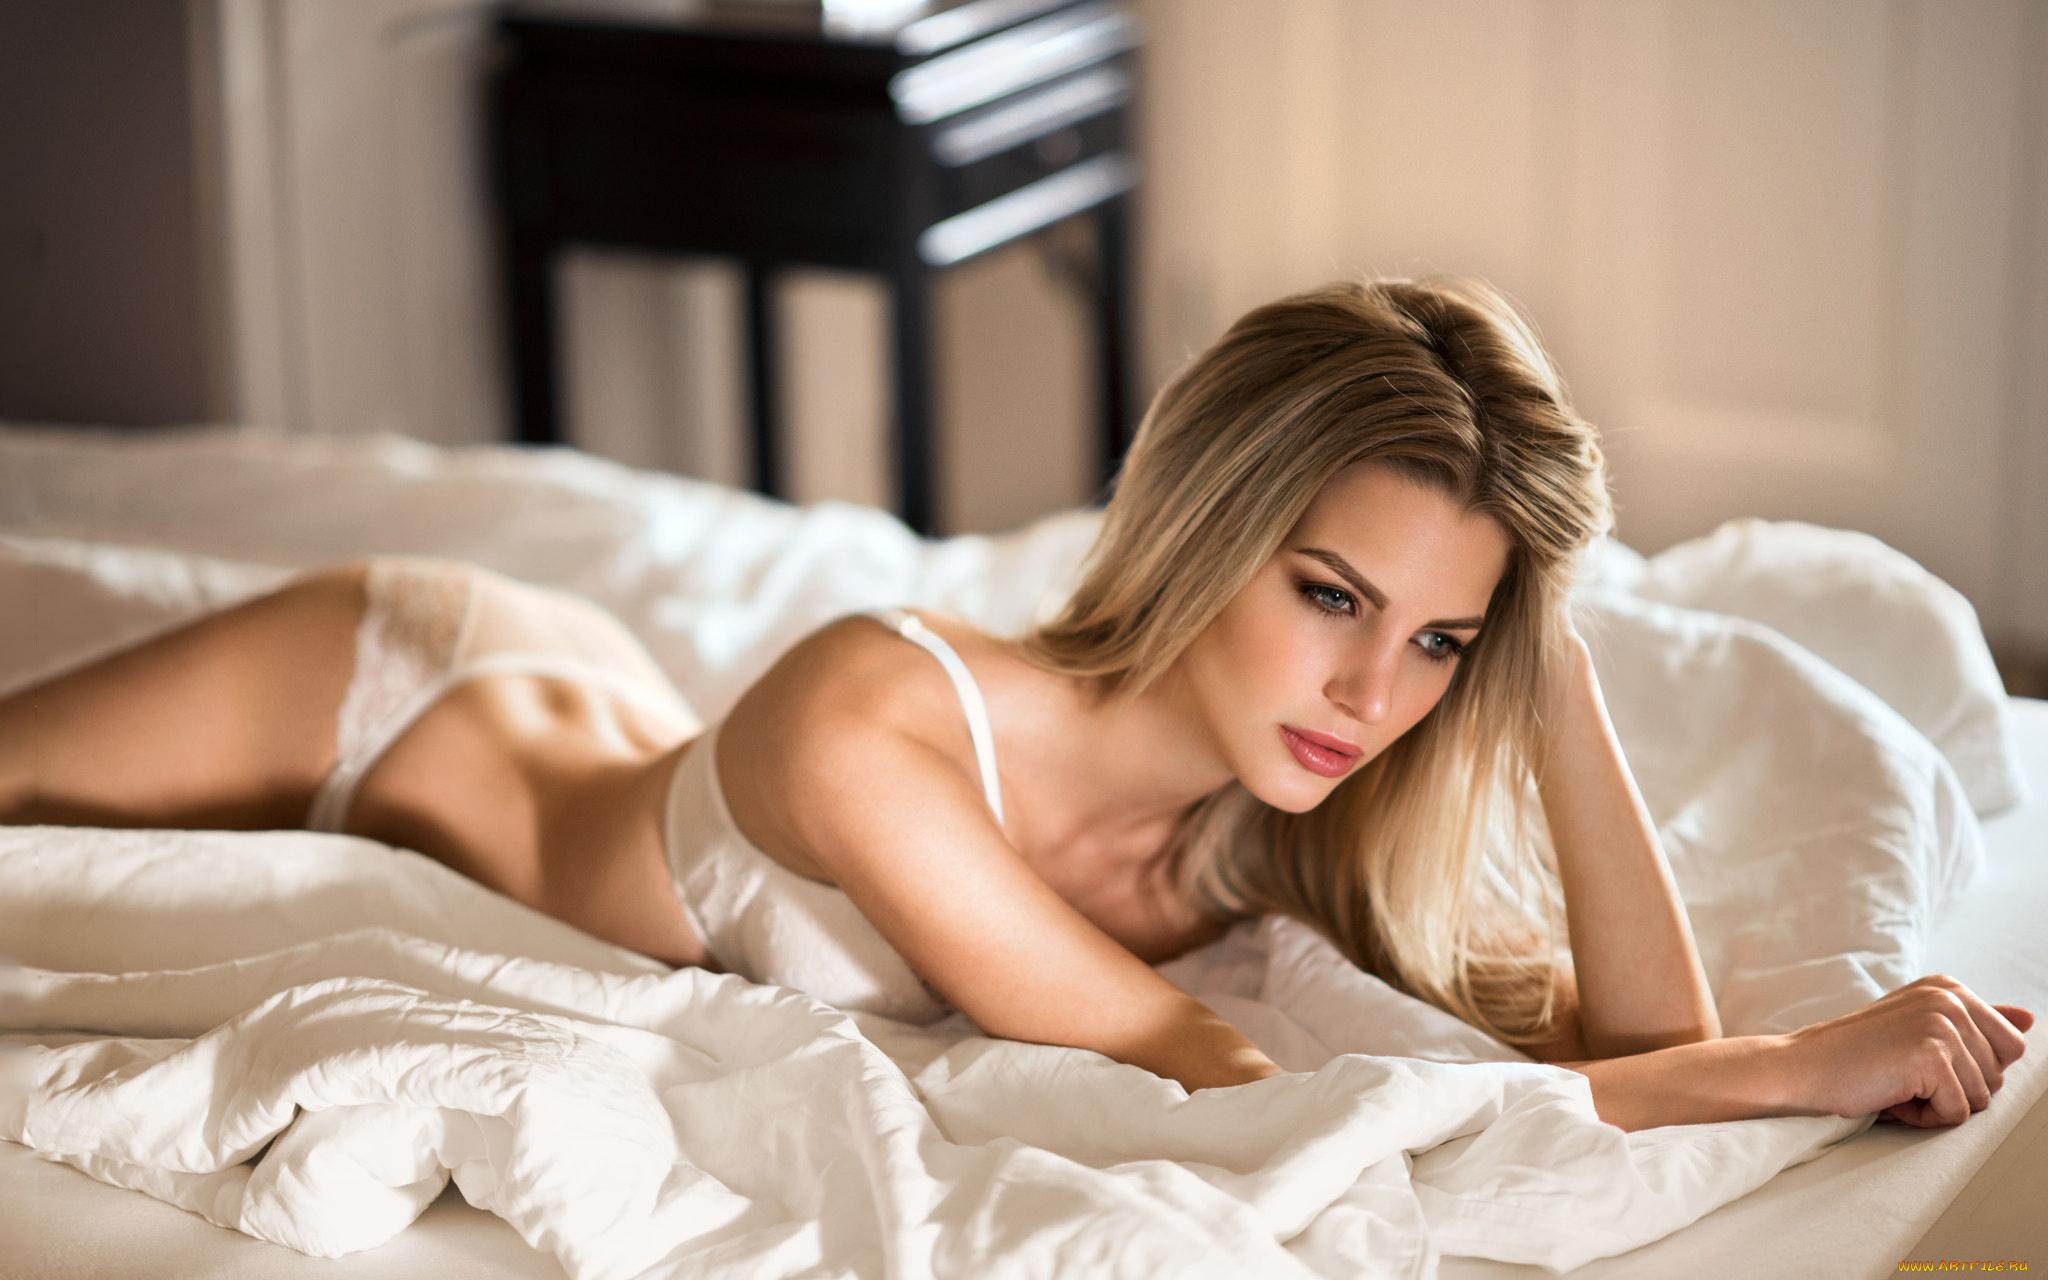 какие в постели блондинки отправляли вам